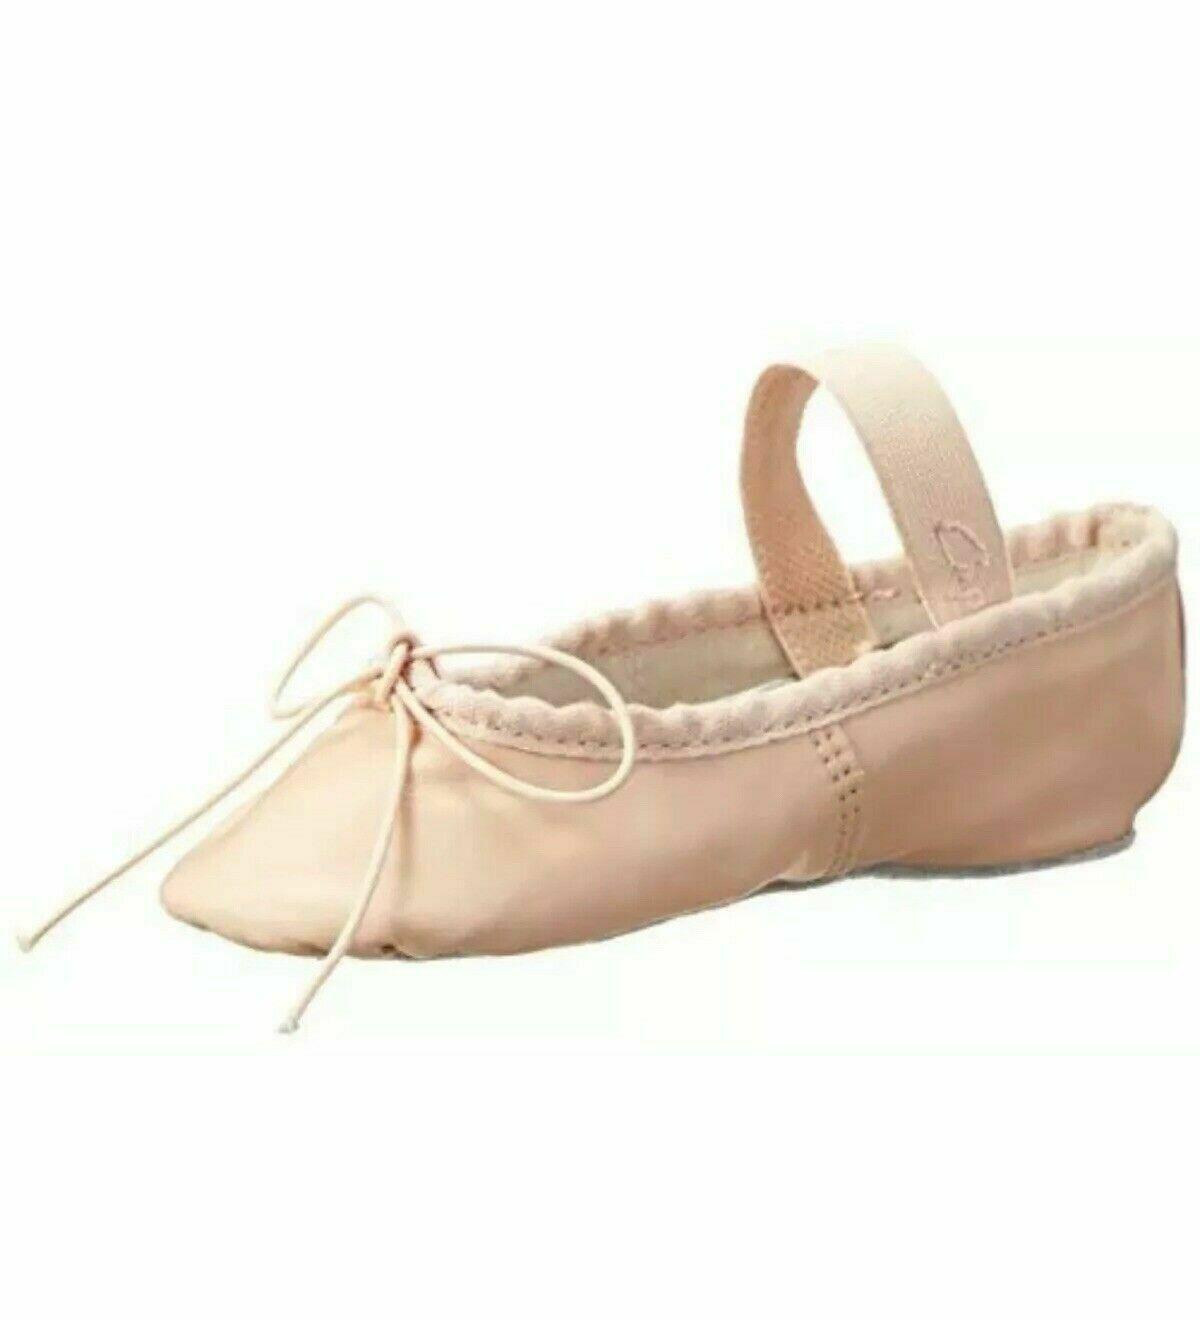 Capezio Youth Teknik 200C NPK Pink Full Sole Ballet Shoe Size 2.5D 2.5 D